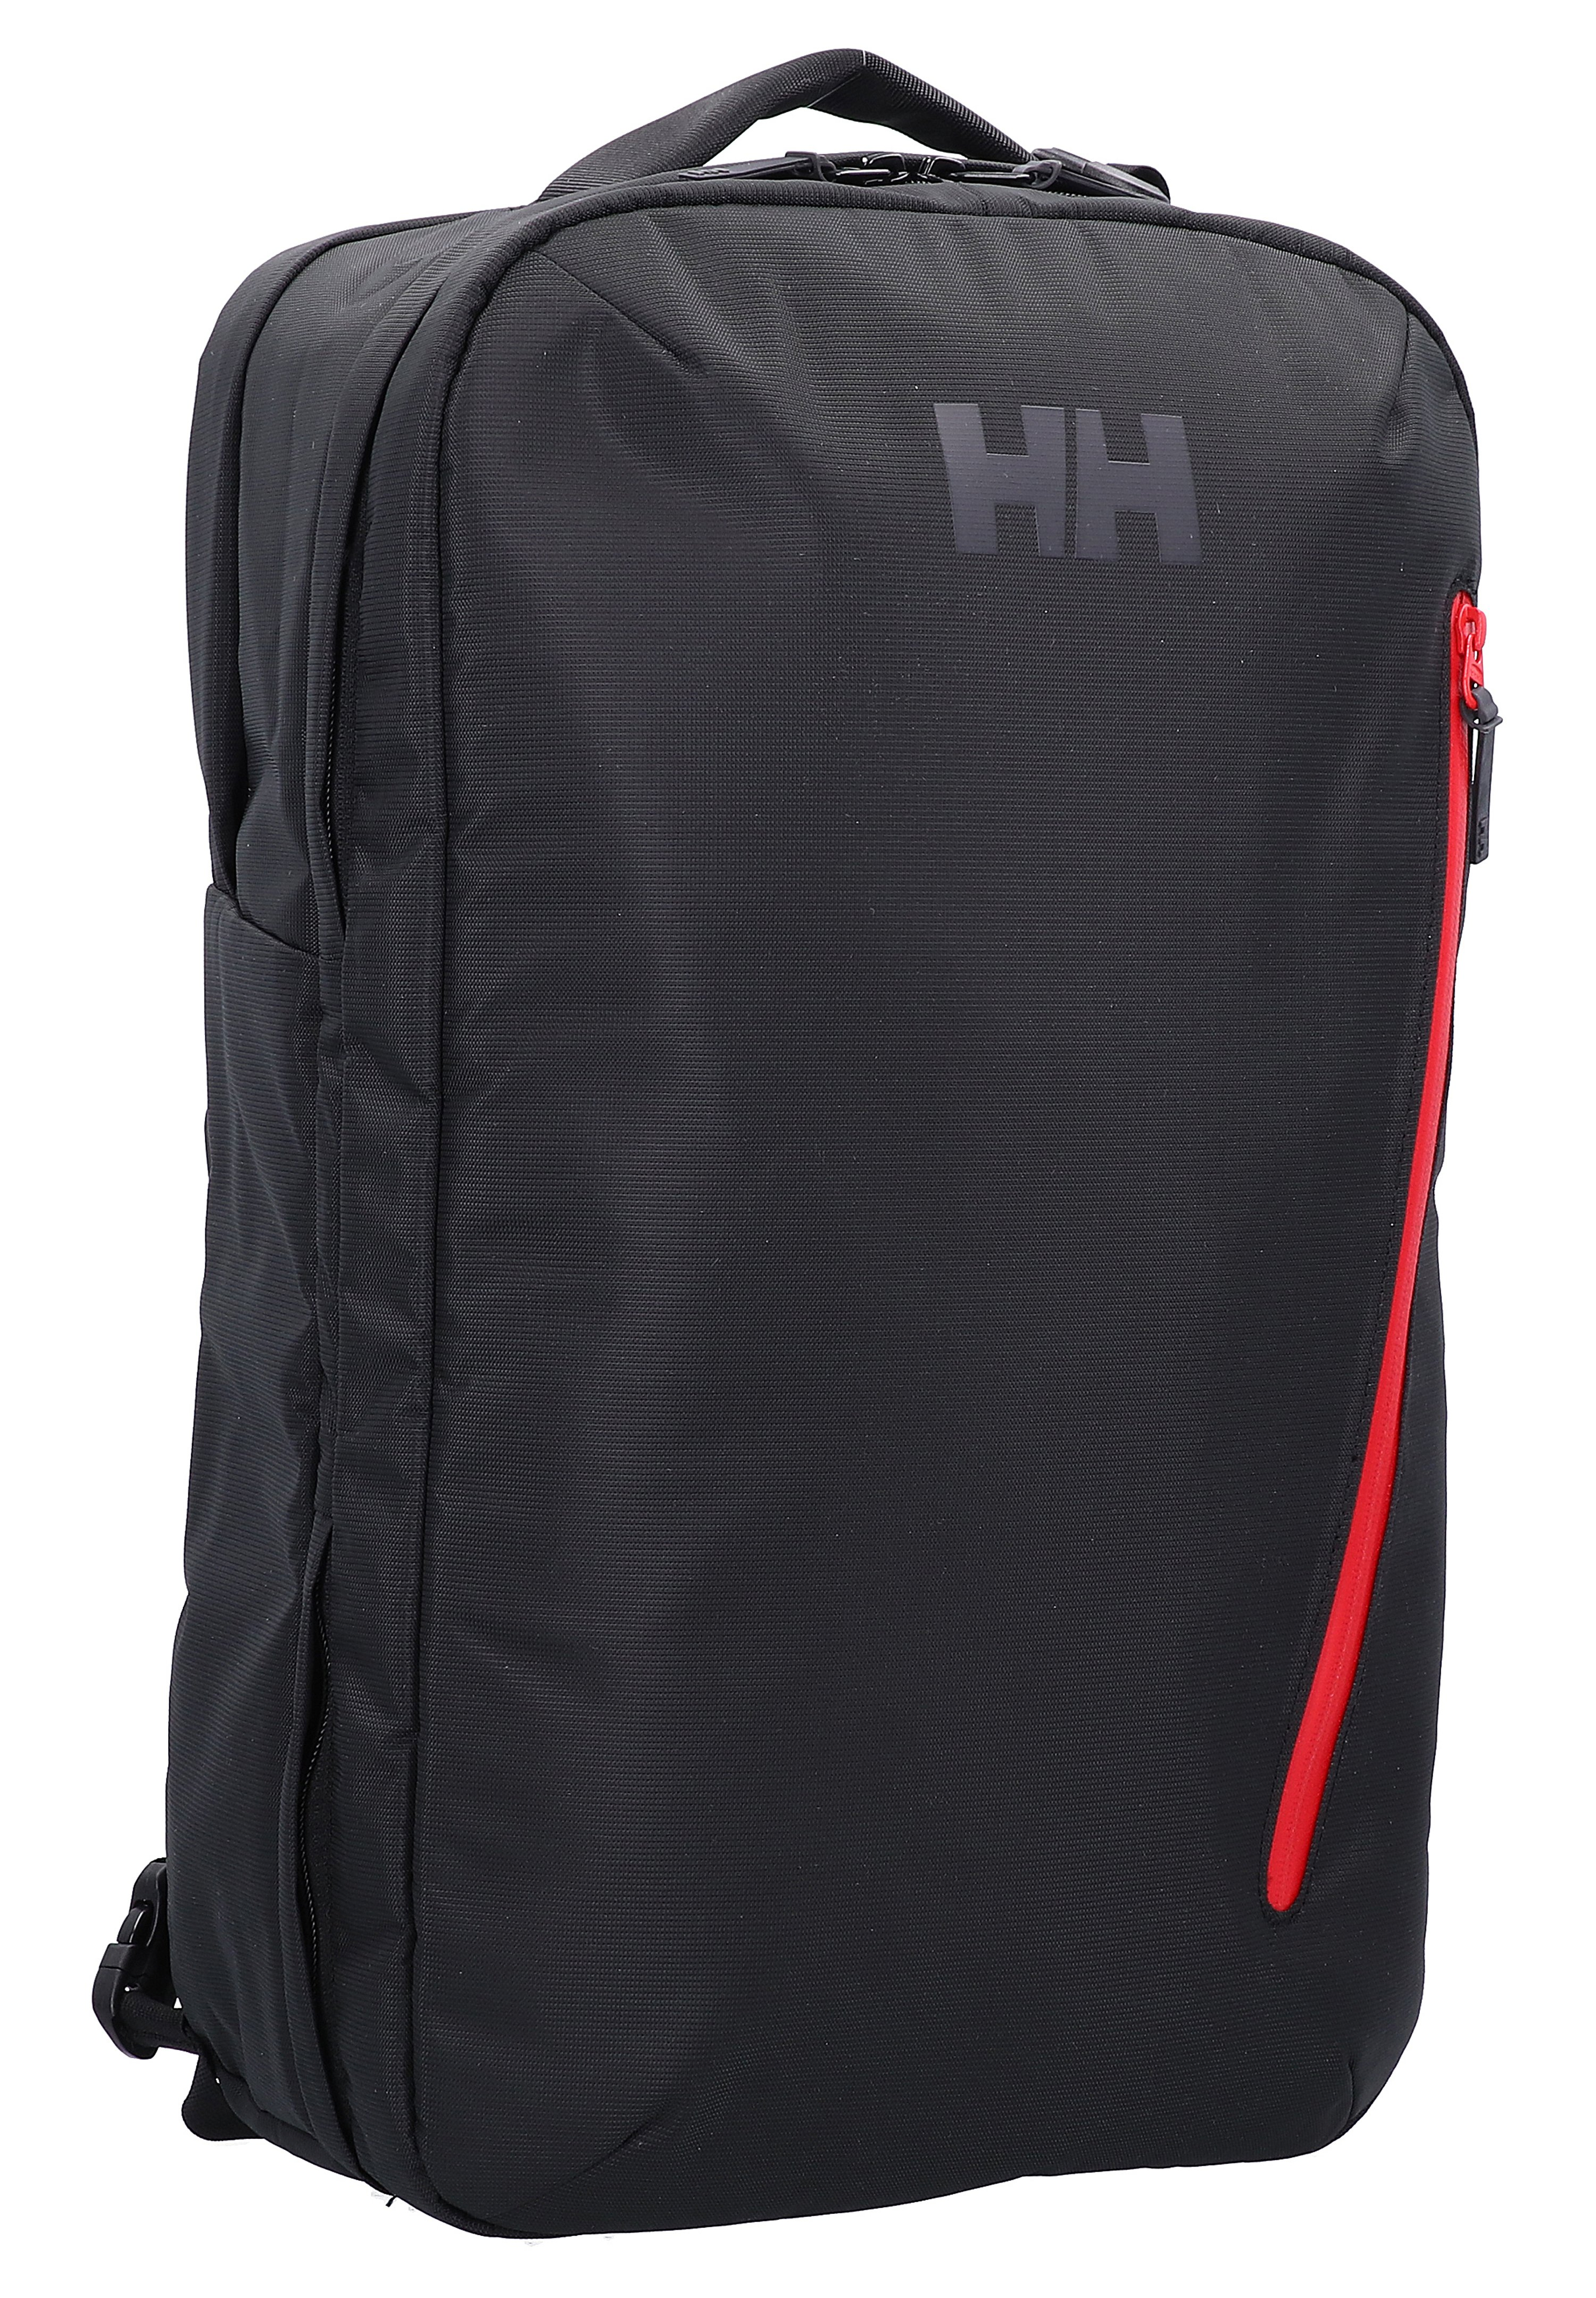 Helly Hansen SPORT EXPEDITION LAPTOPFACH - Tagesrucksack - black/schwarz - Herrentaschen U3ATx